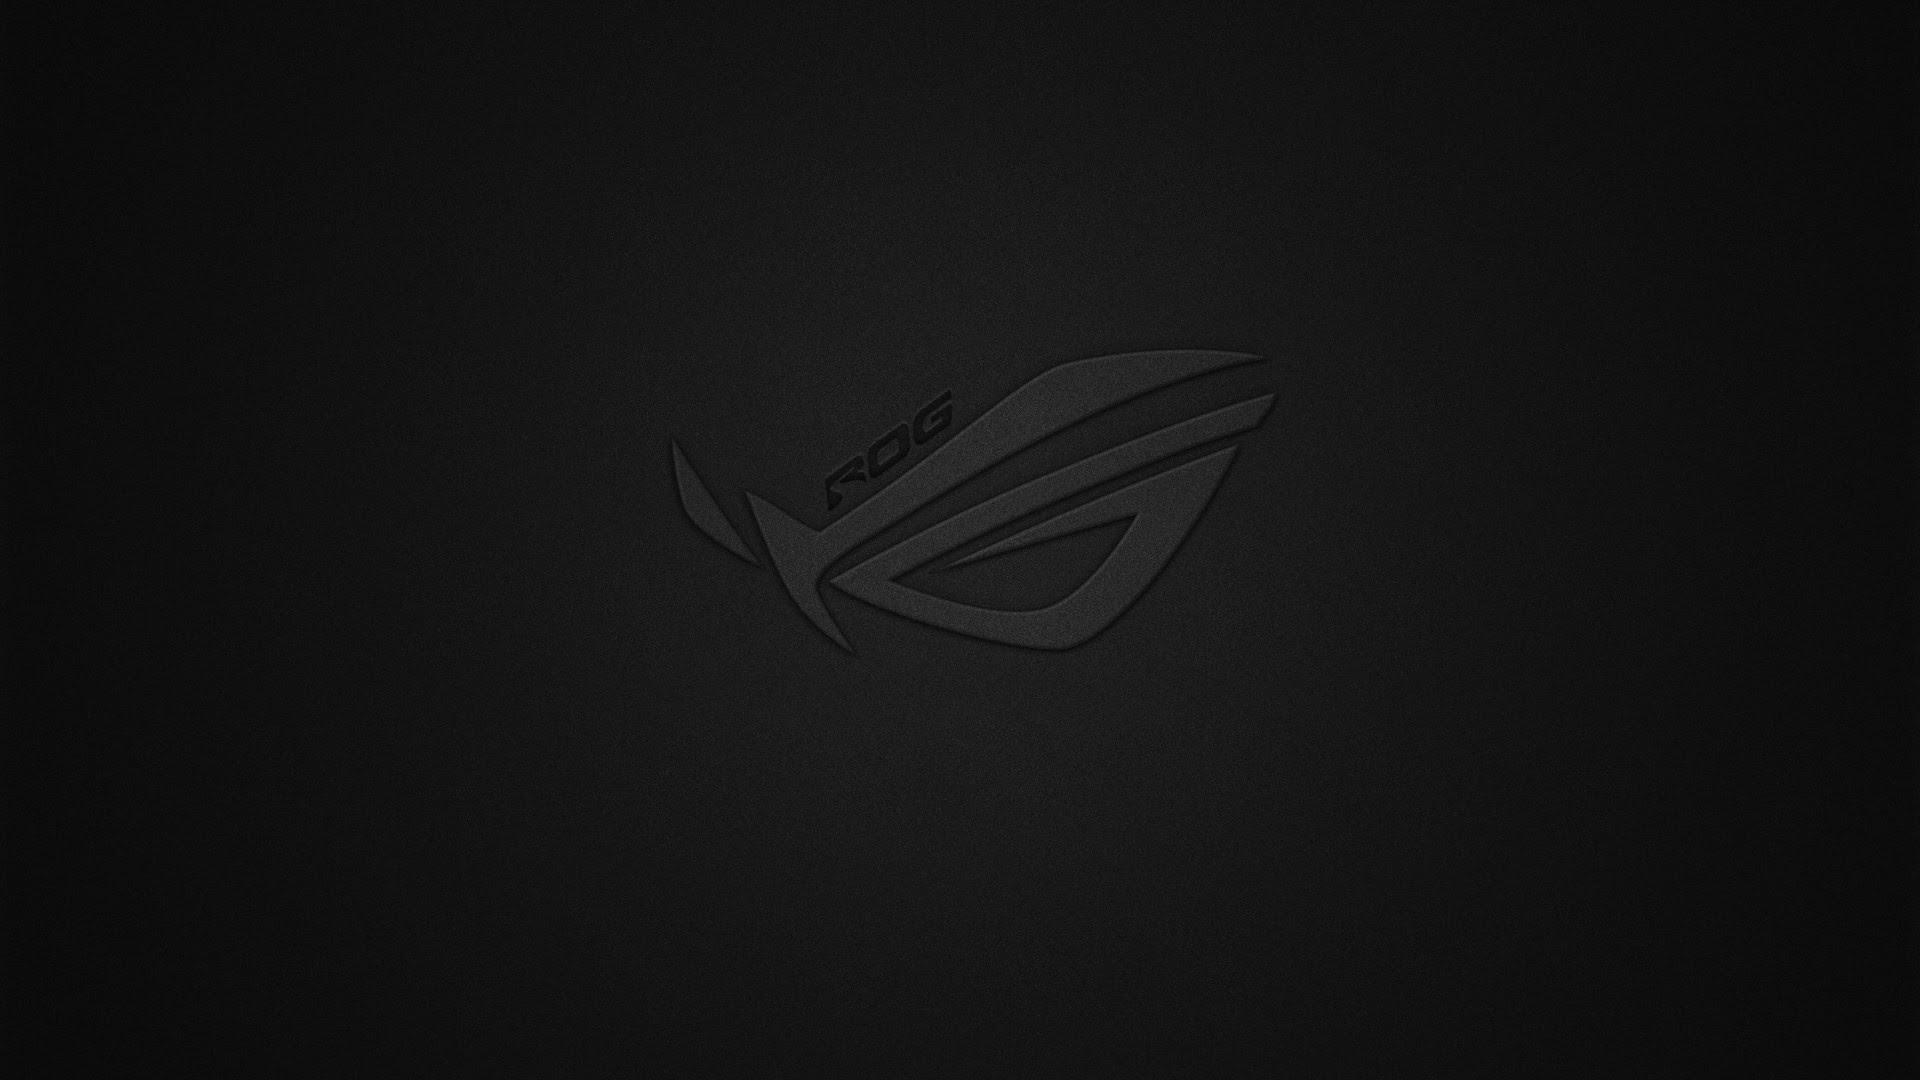 Download 500 Wallpaper Asus Black HD Terbaru